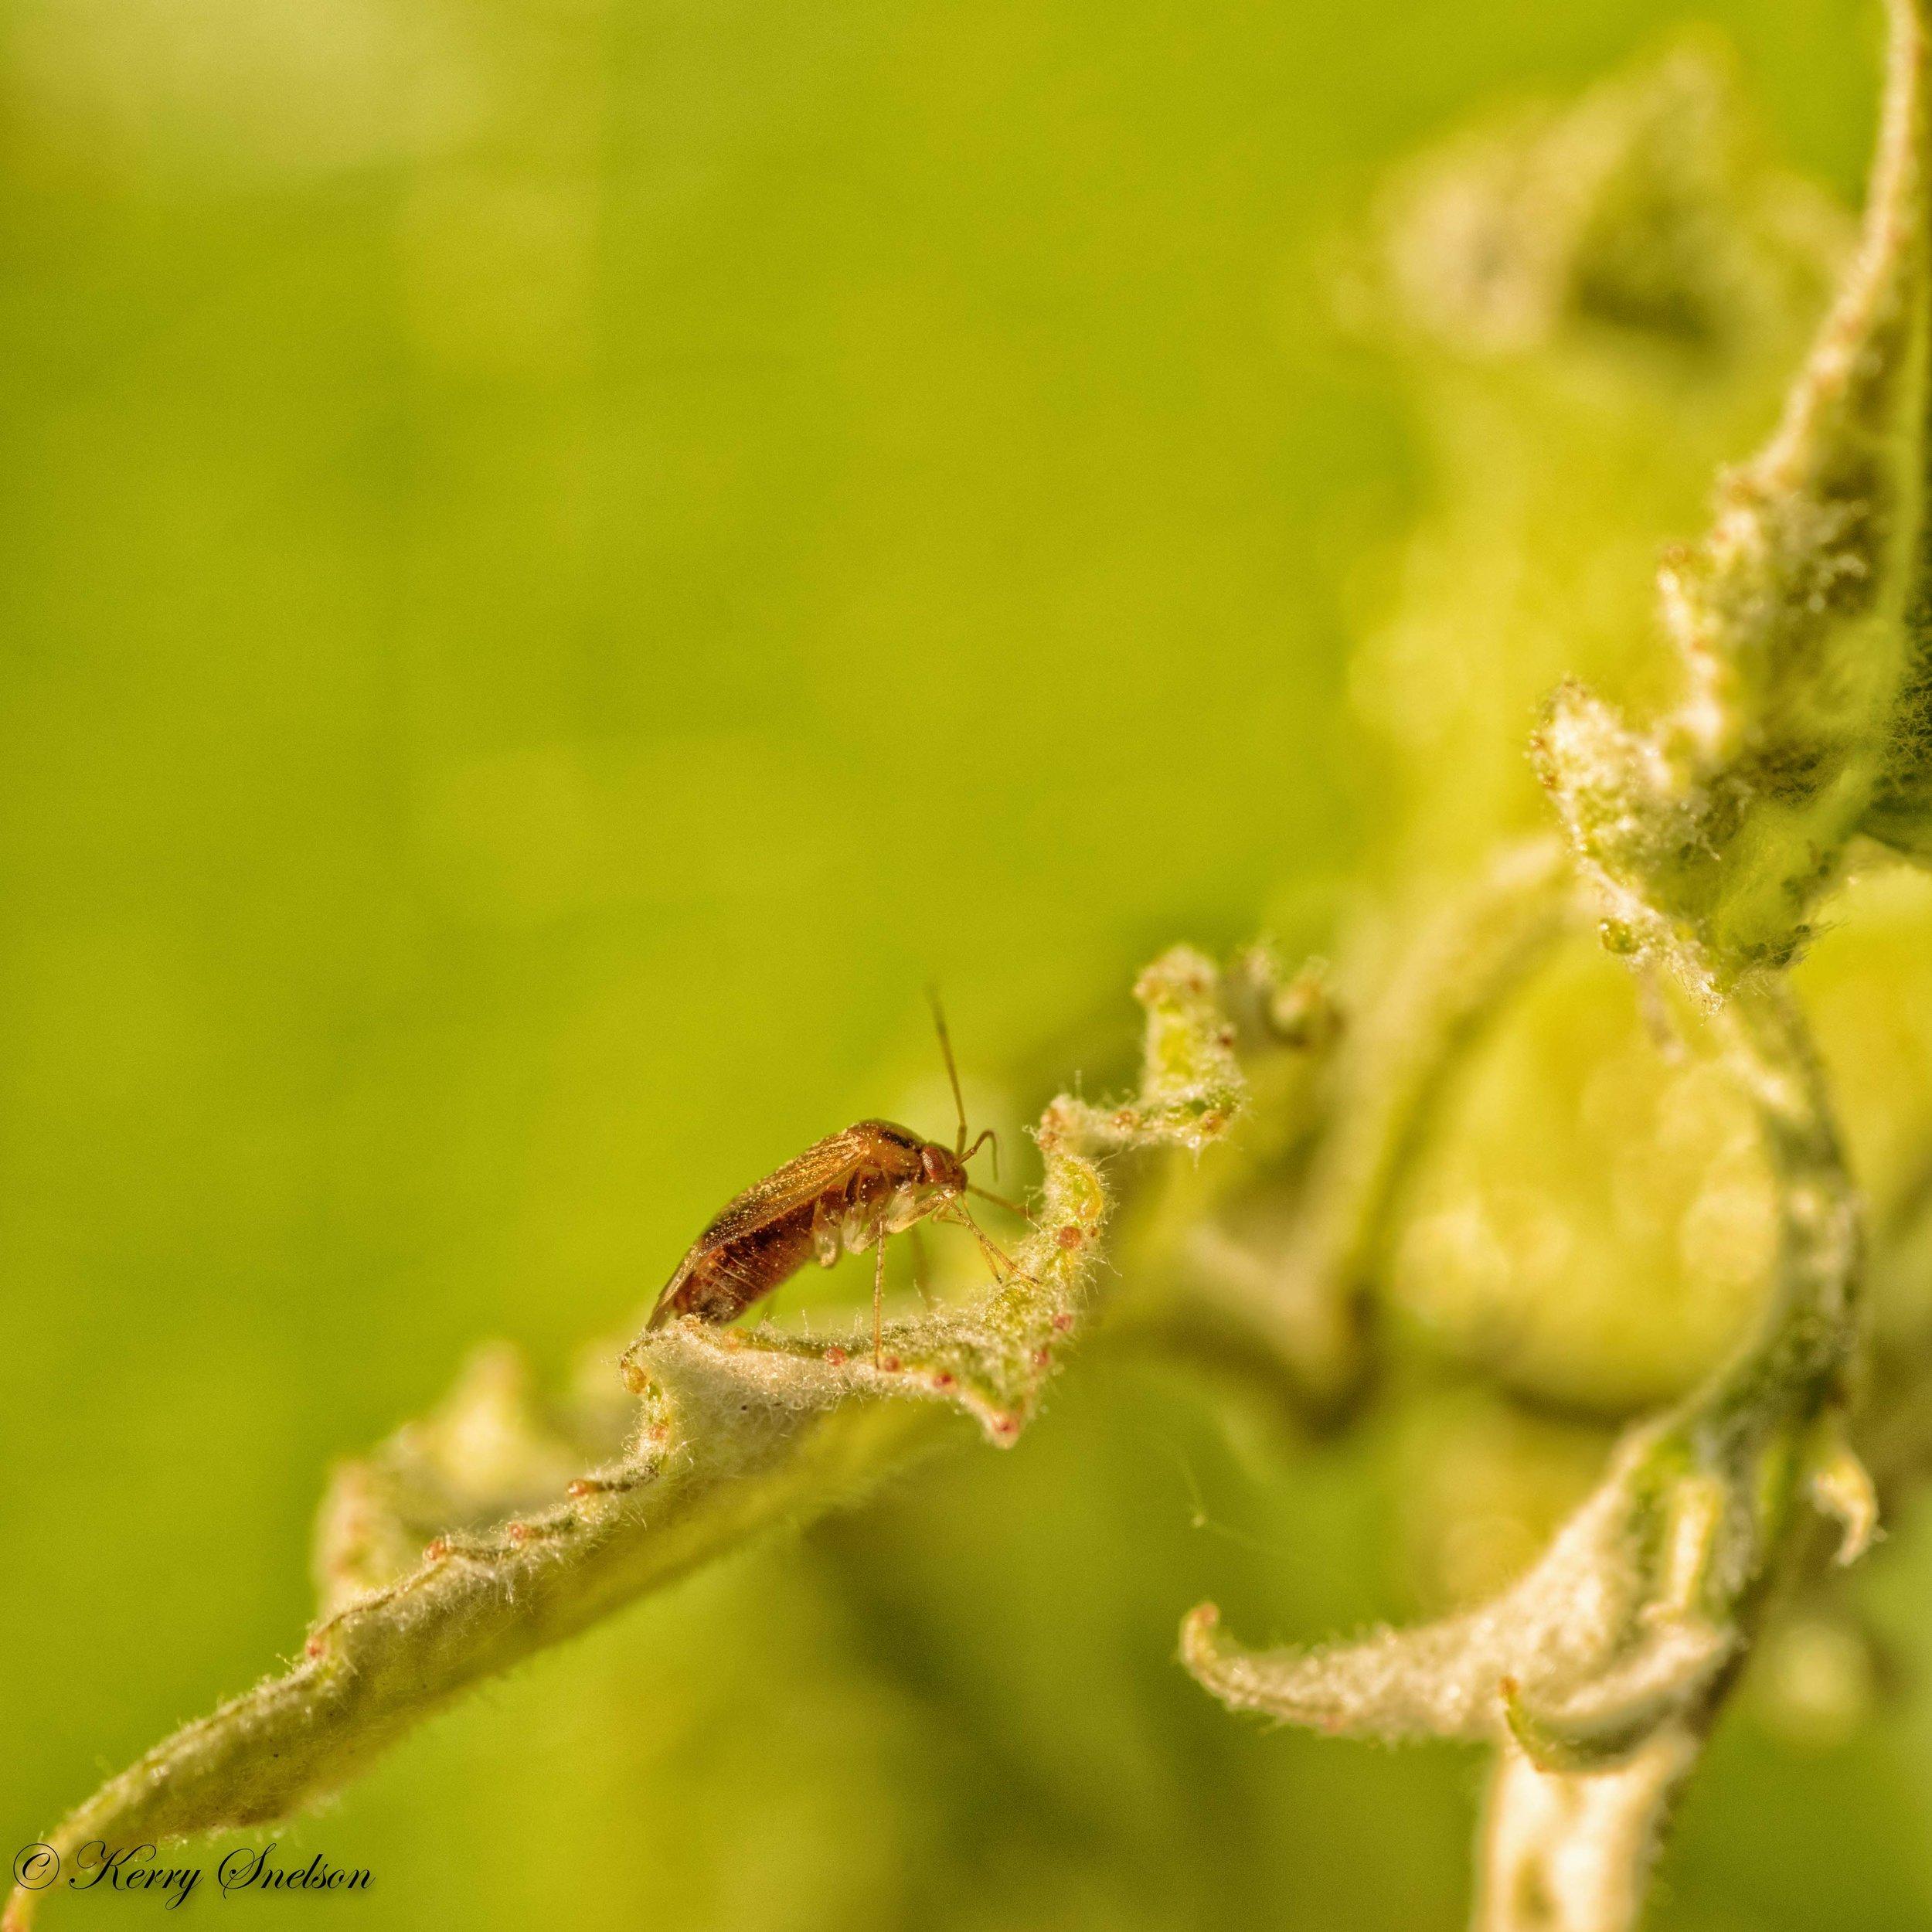 Lyngus Bug on a Leaf